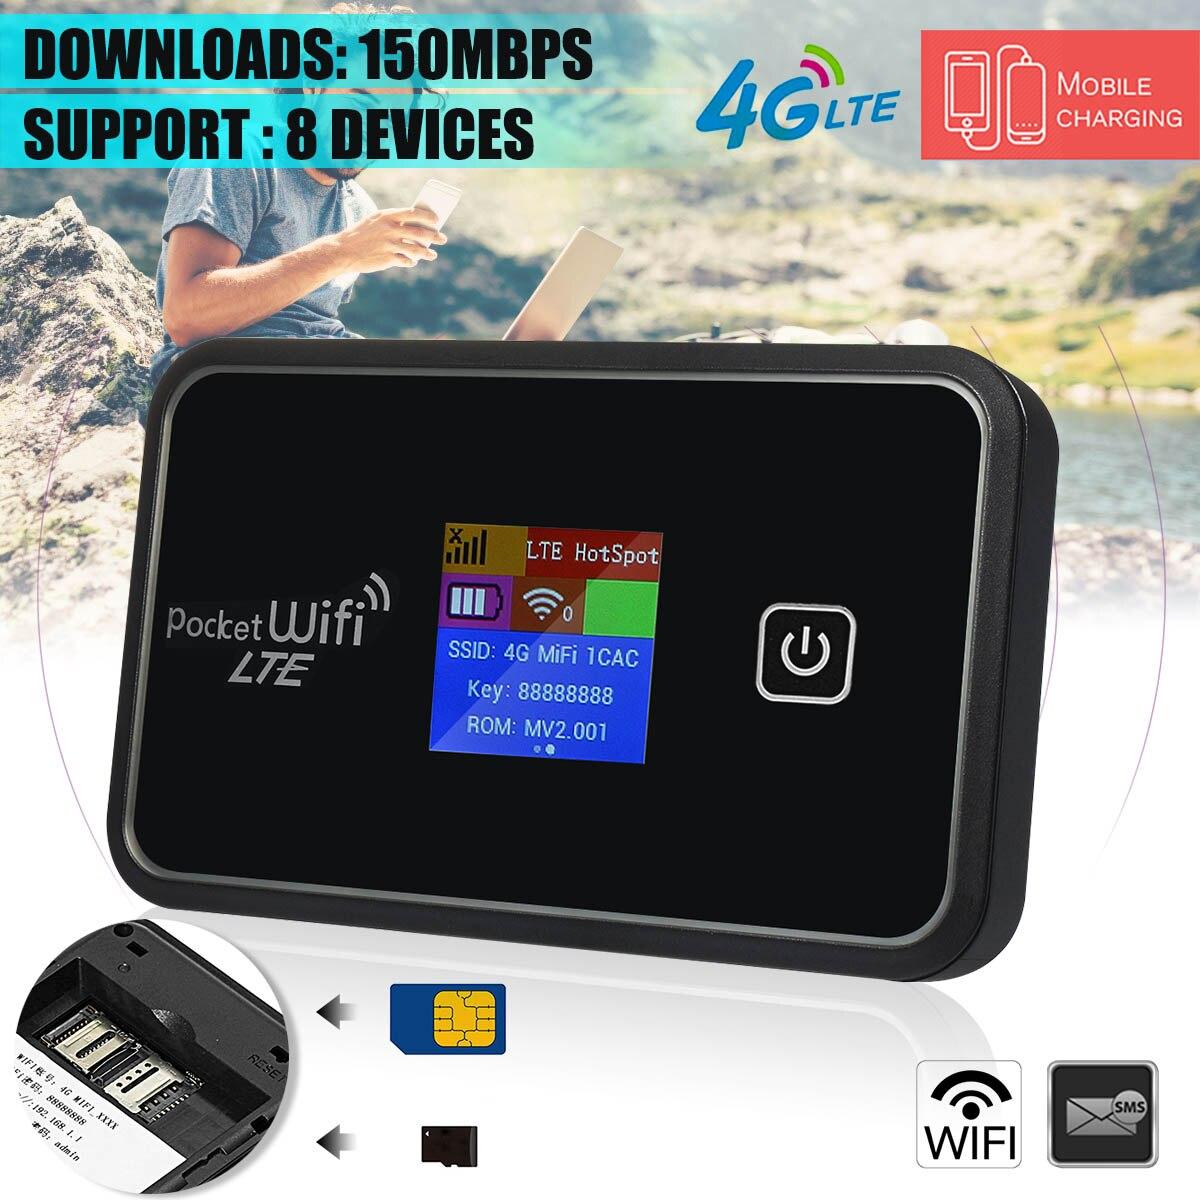 6 en 1 Portable 4G Mobile WiFi Module MIFI sans fil Portable point chaud routeur à large bande LCD avec batterie pour smartphone